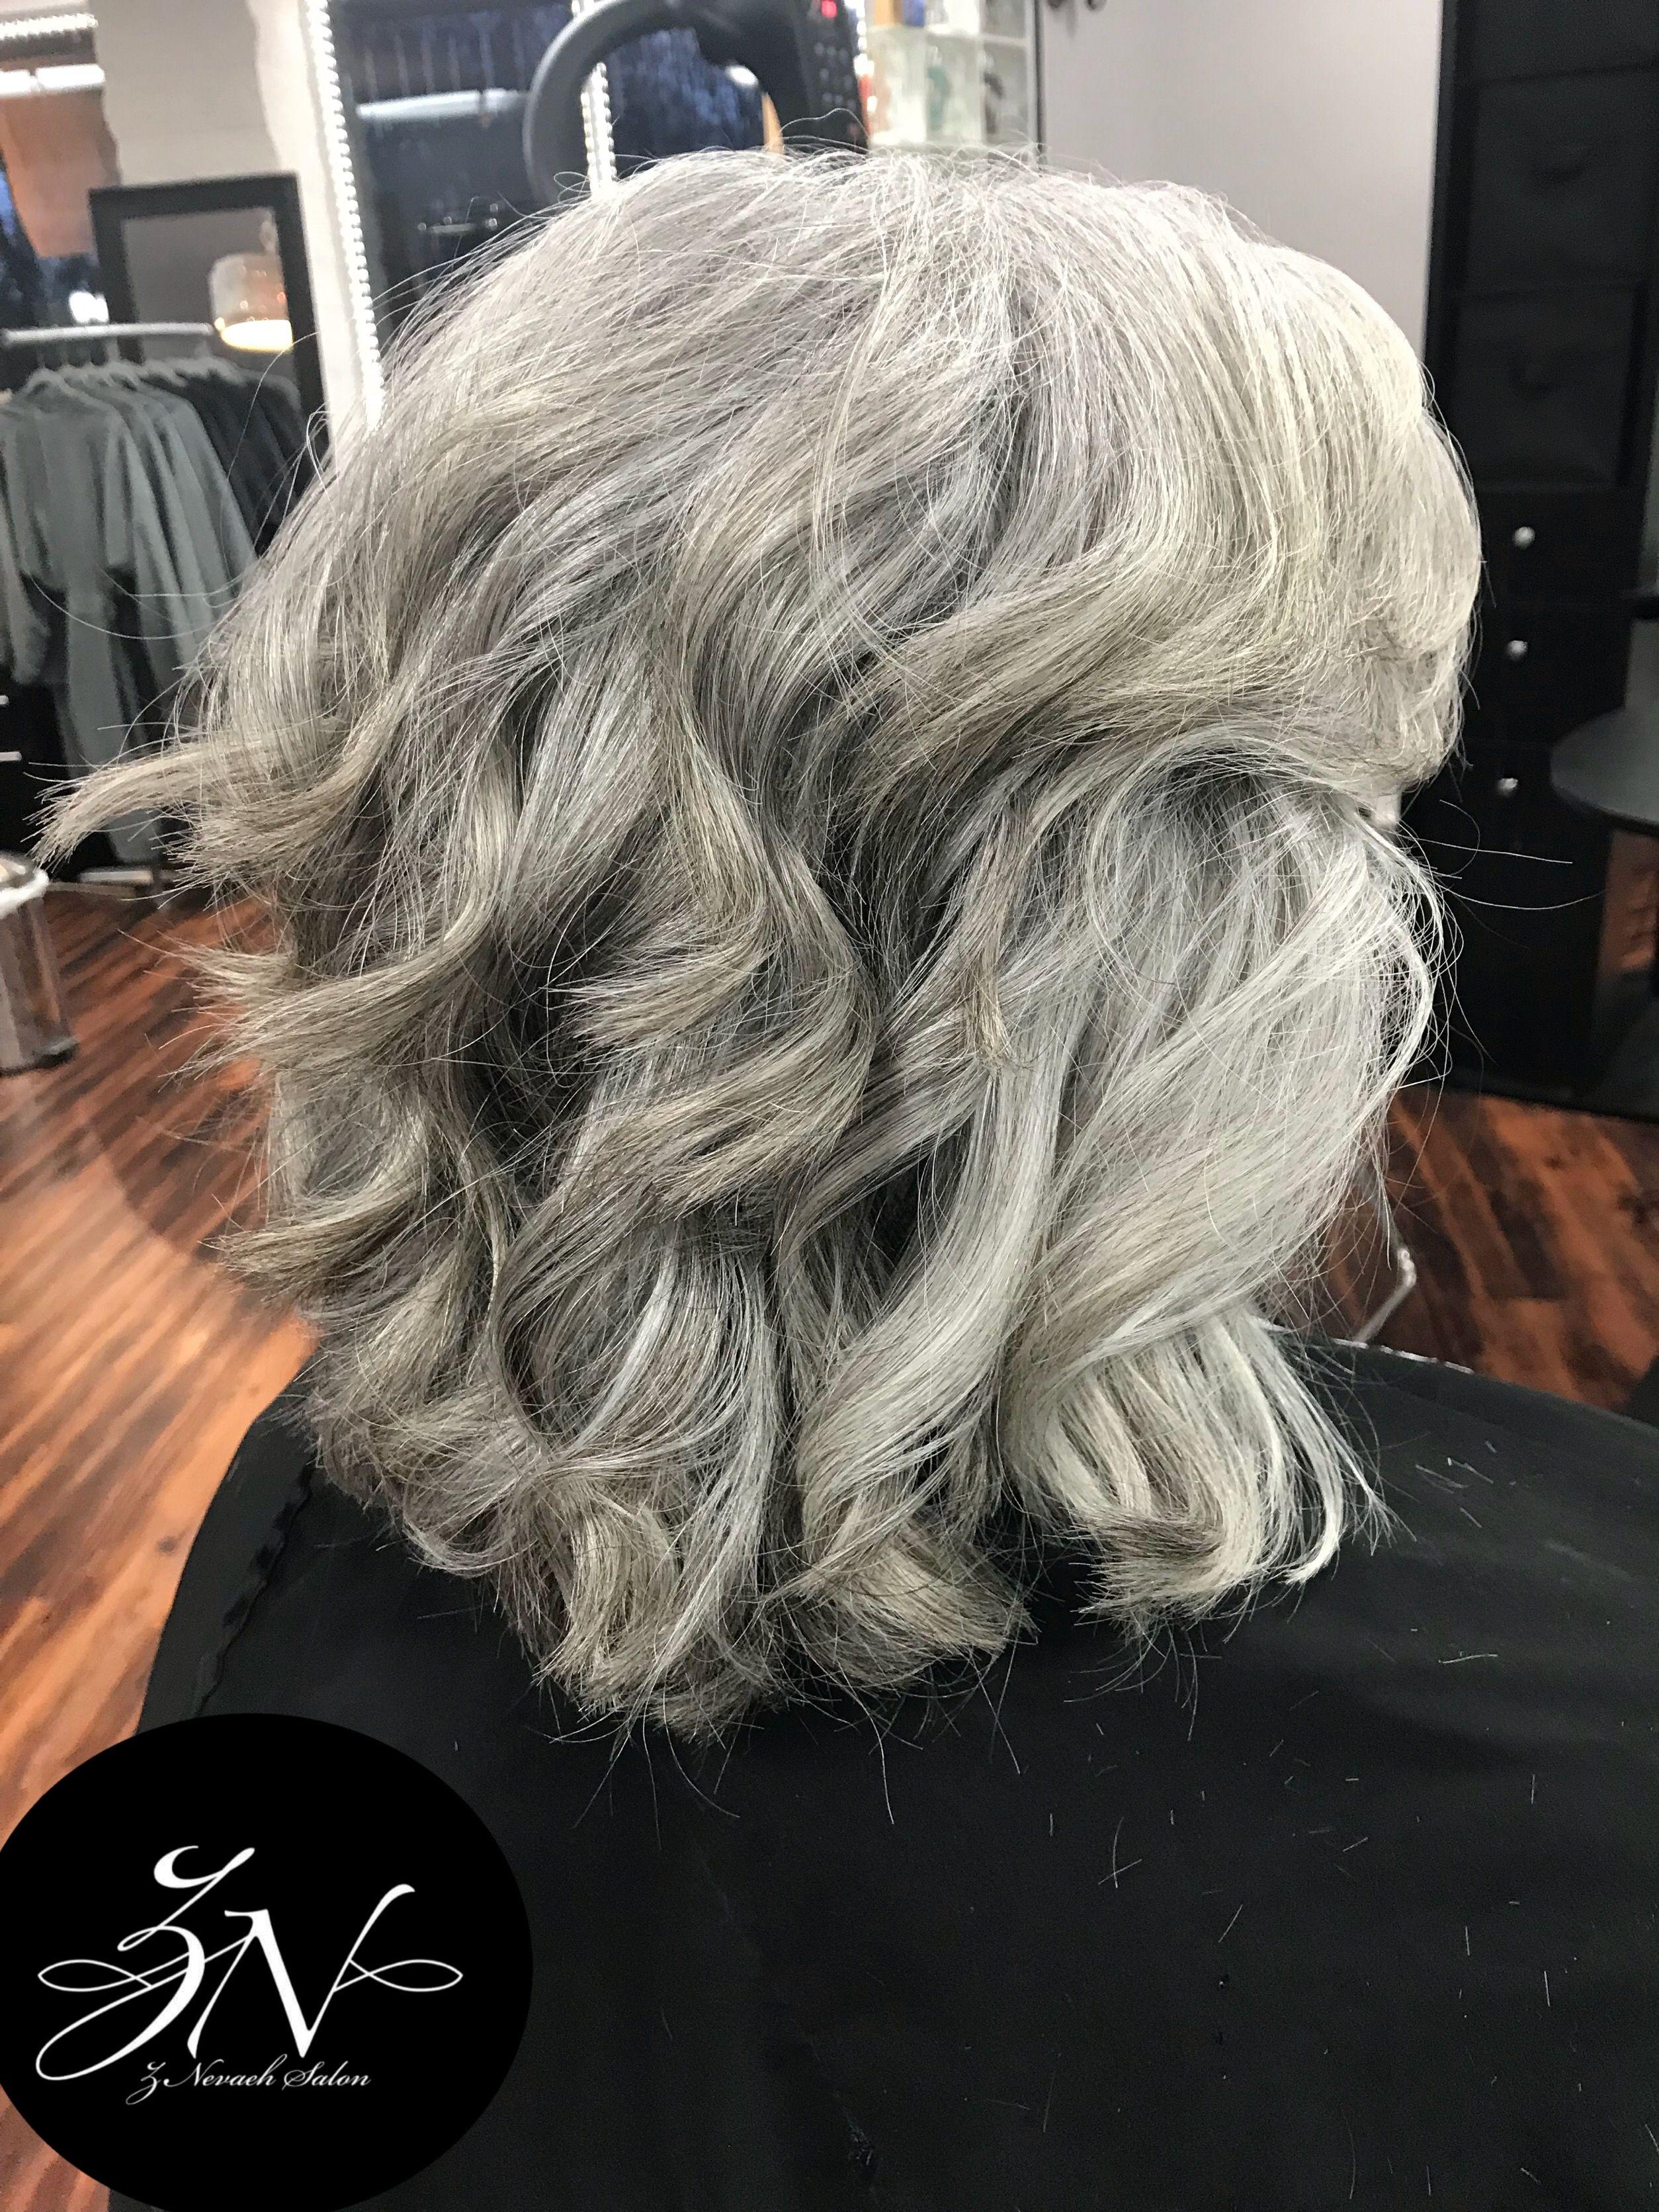 Haircut Style Znevaehsalon Salon Knoxvilletn Znevaehsalon